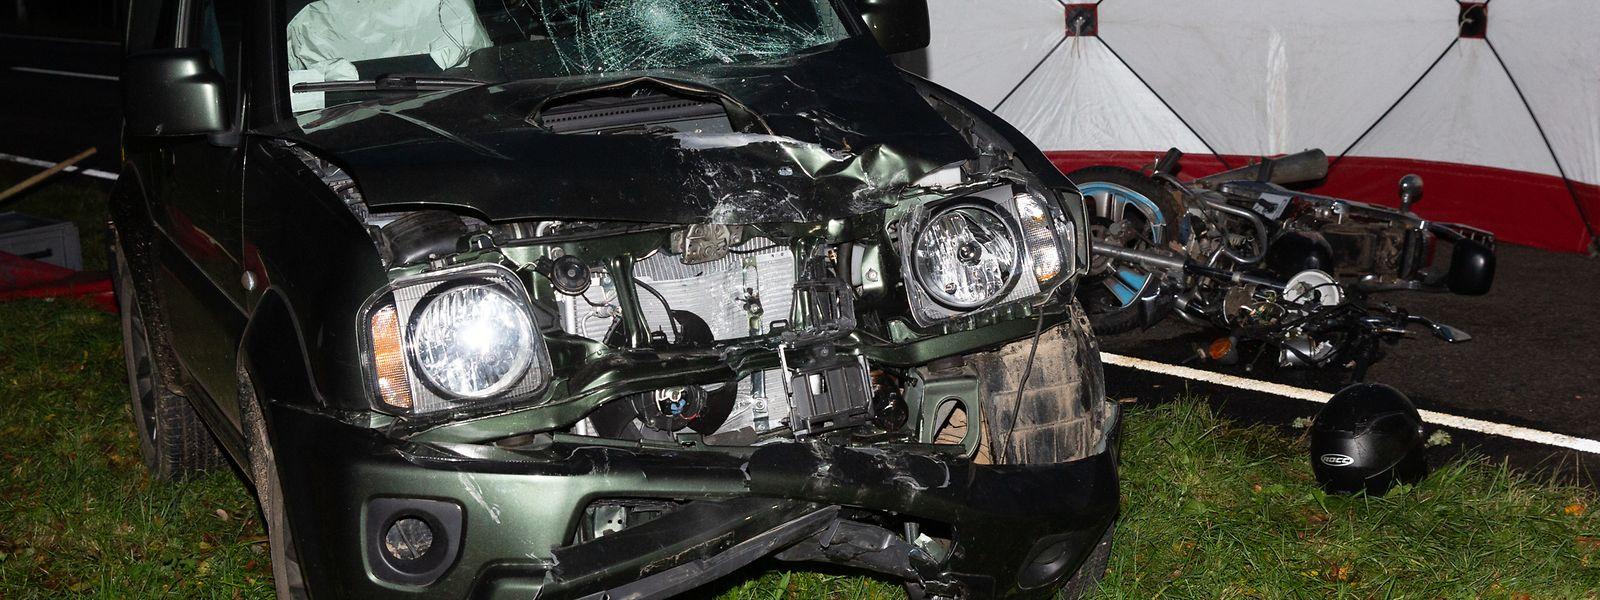 Der Motorradfahrer erlag seinen Verletzungen noch am Unfallort.